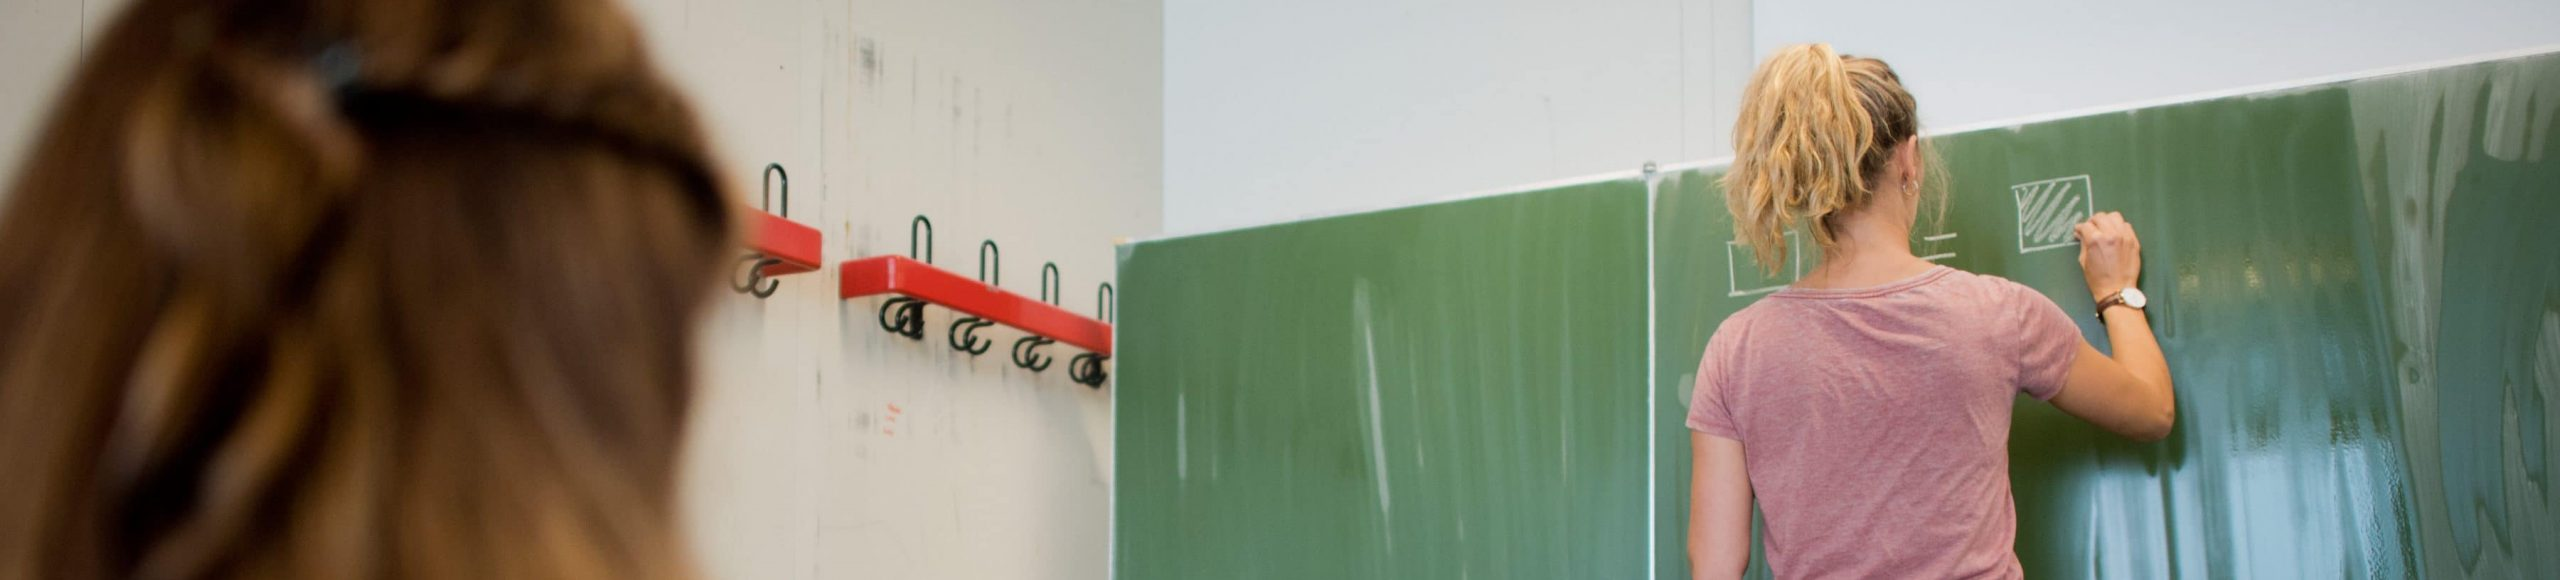 Schule Digitalisierung